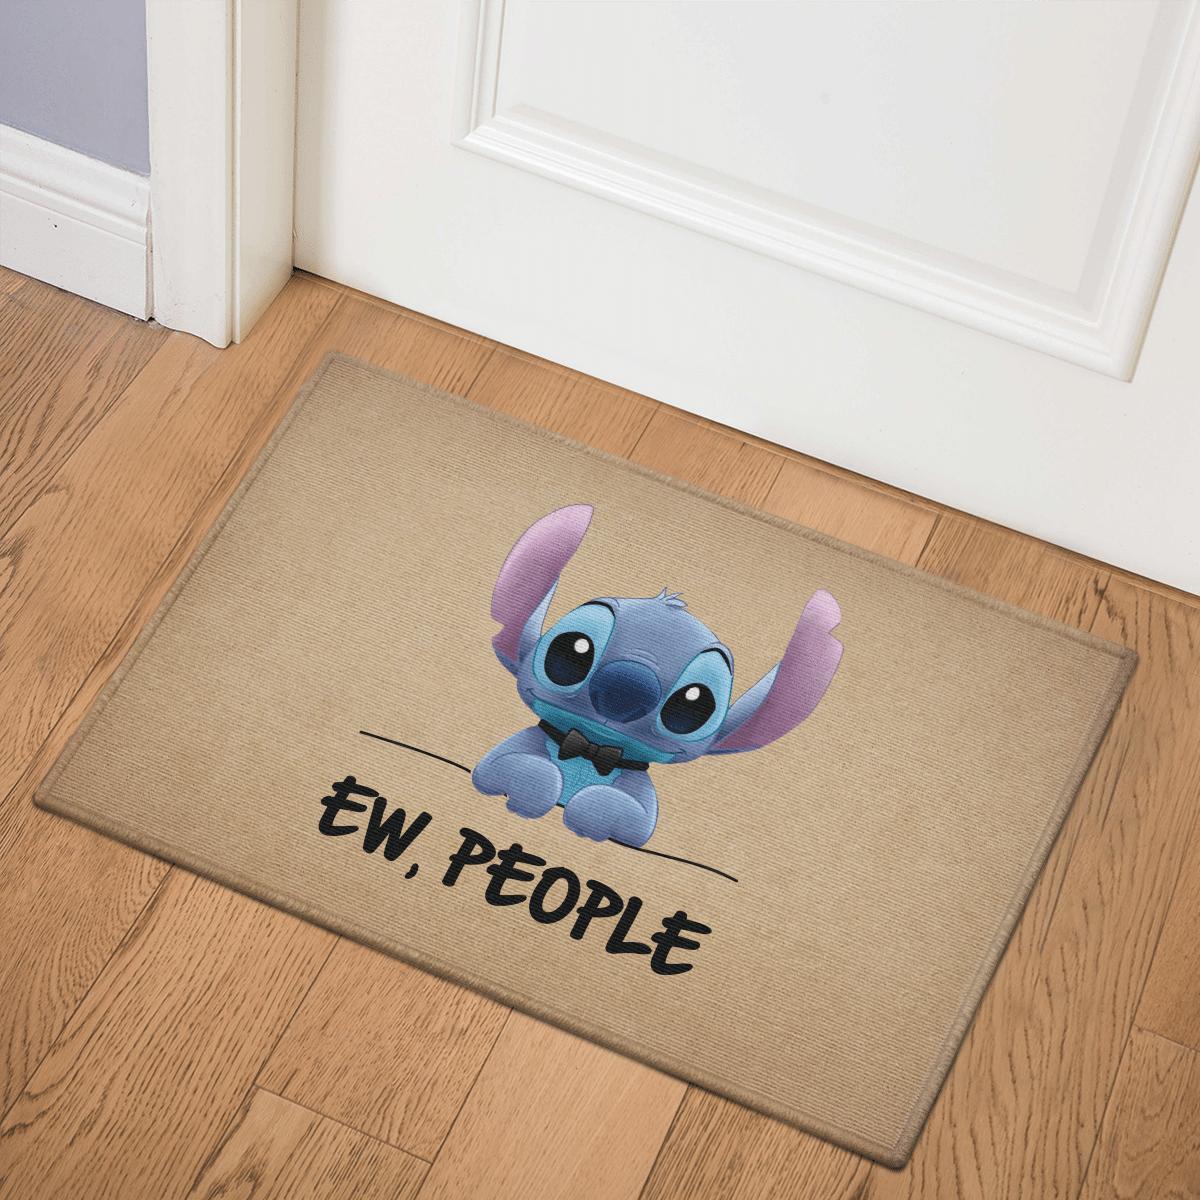 Cute Stitch Ew People Door Mat Bath Mat